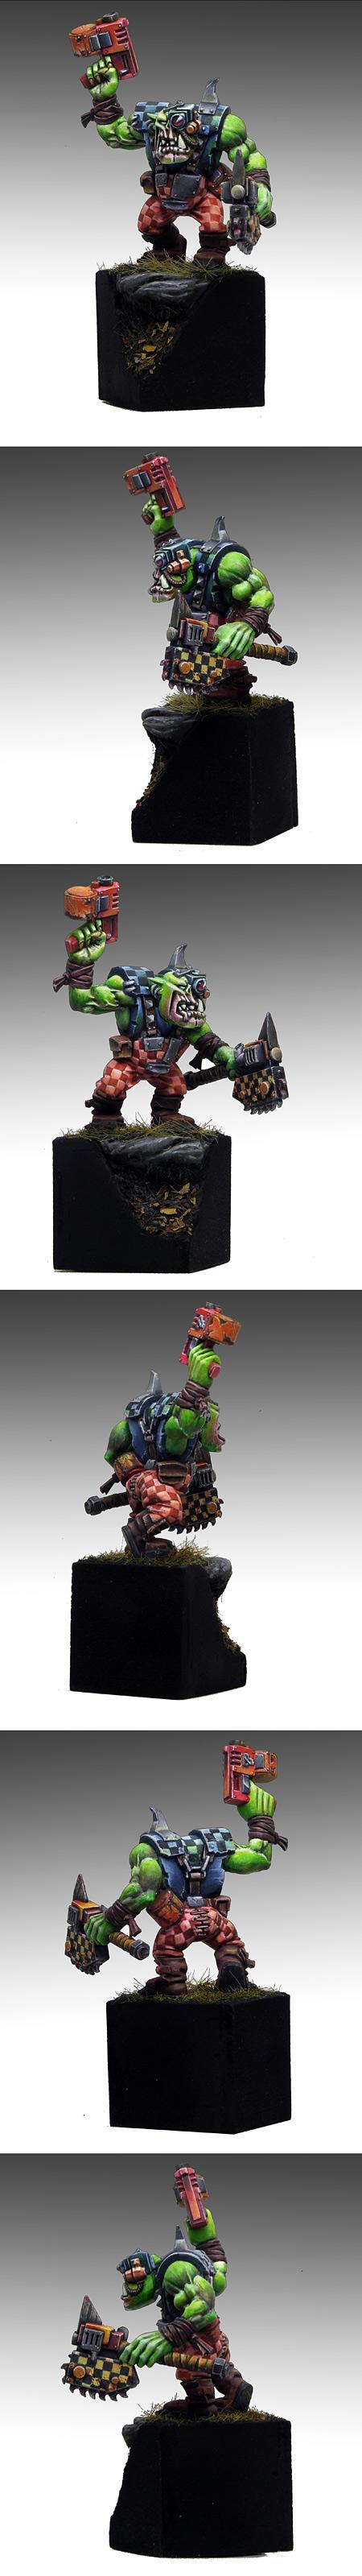 Nob, Ork Nob